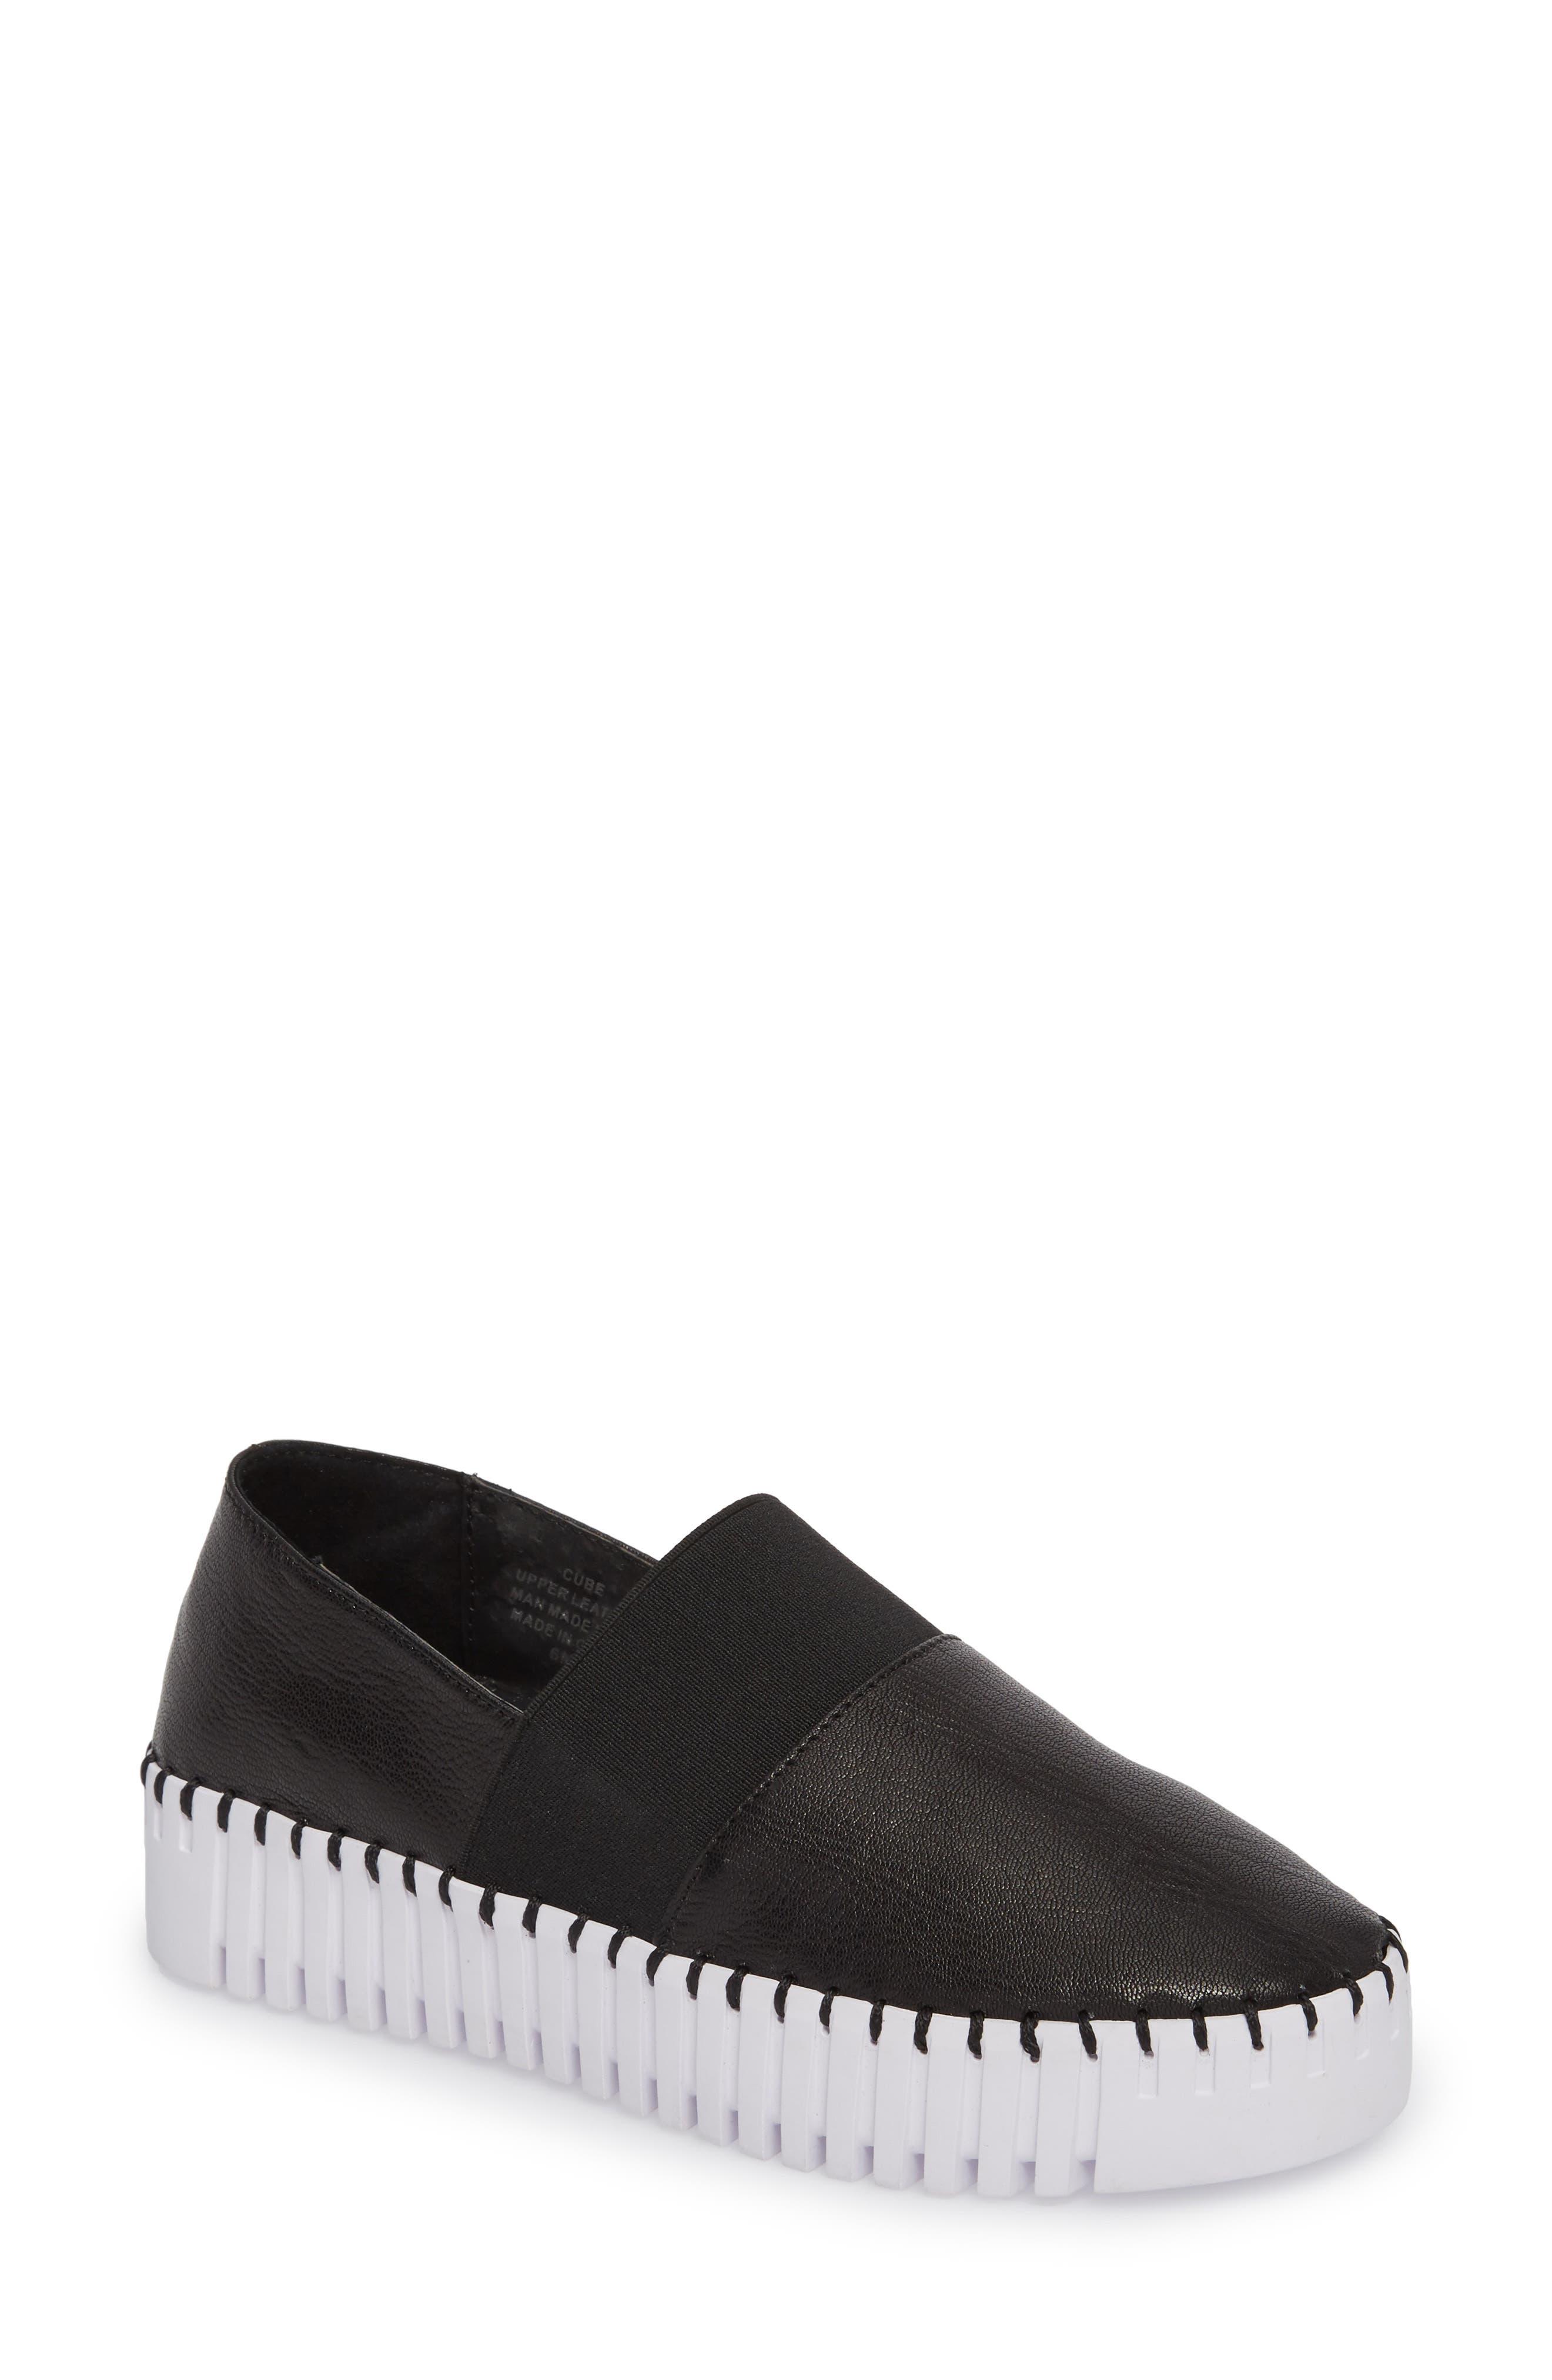 Cube Slip-On Platform Sneaker,                         Main,                         color, Black Leather